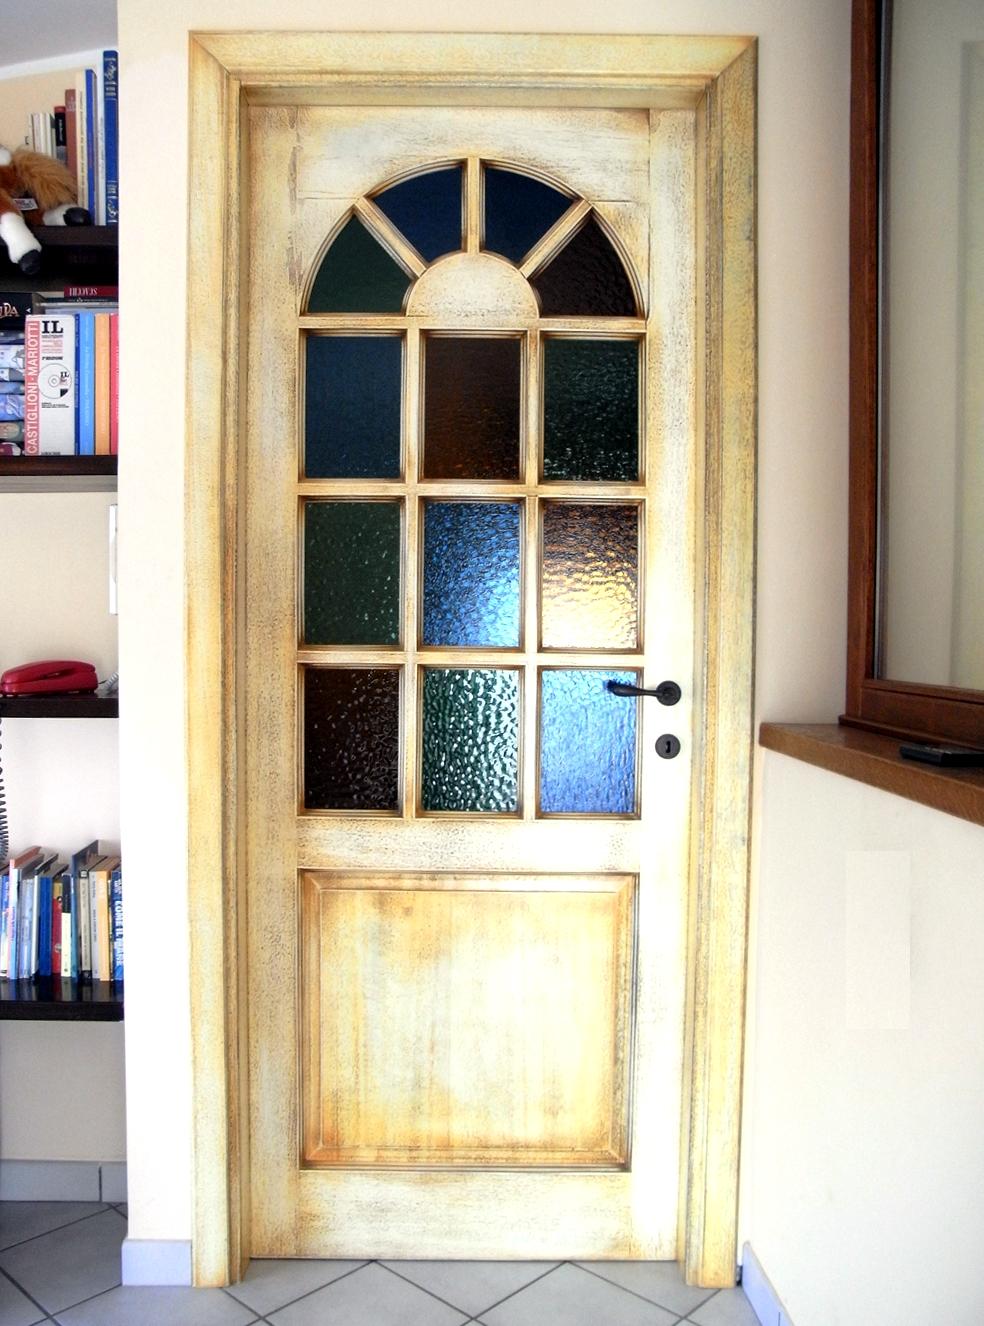 Porta-in-legno-con-verniciatura-laccata-e-anticata-all'€™inglese-con-vetri-colorati